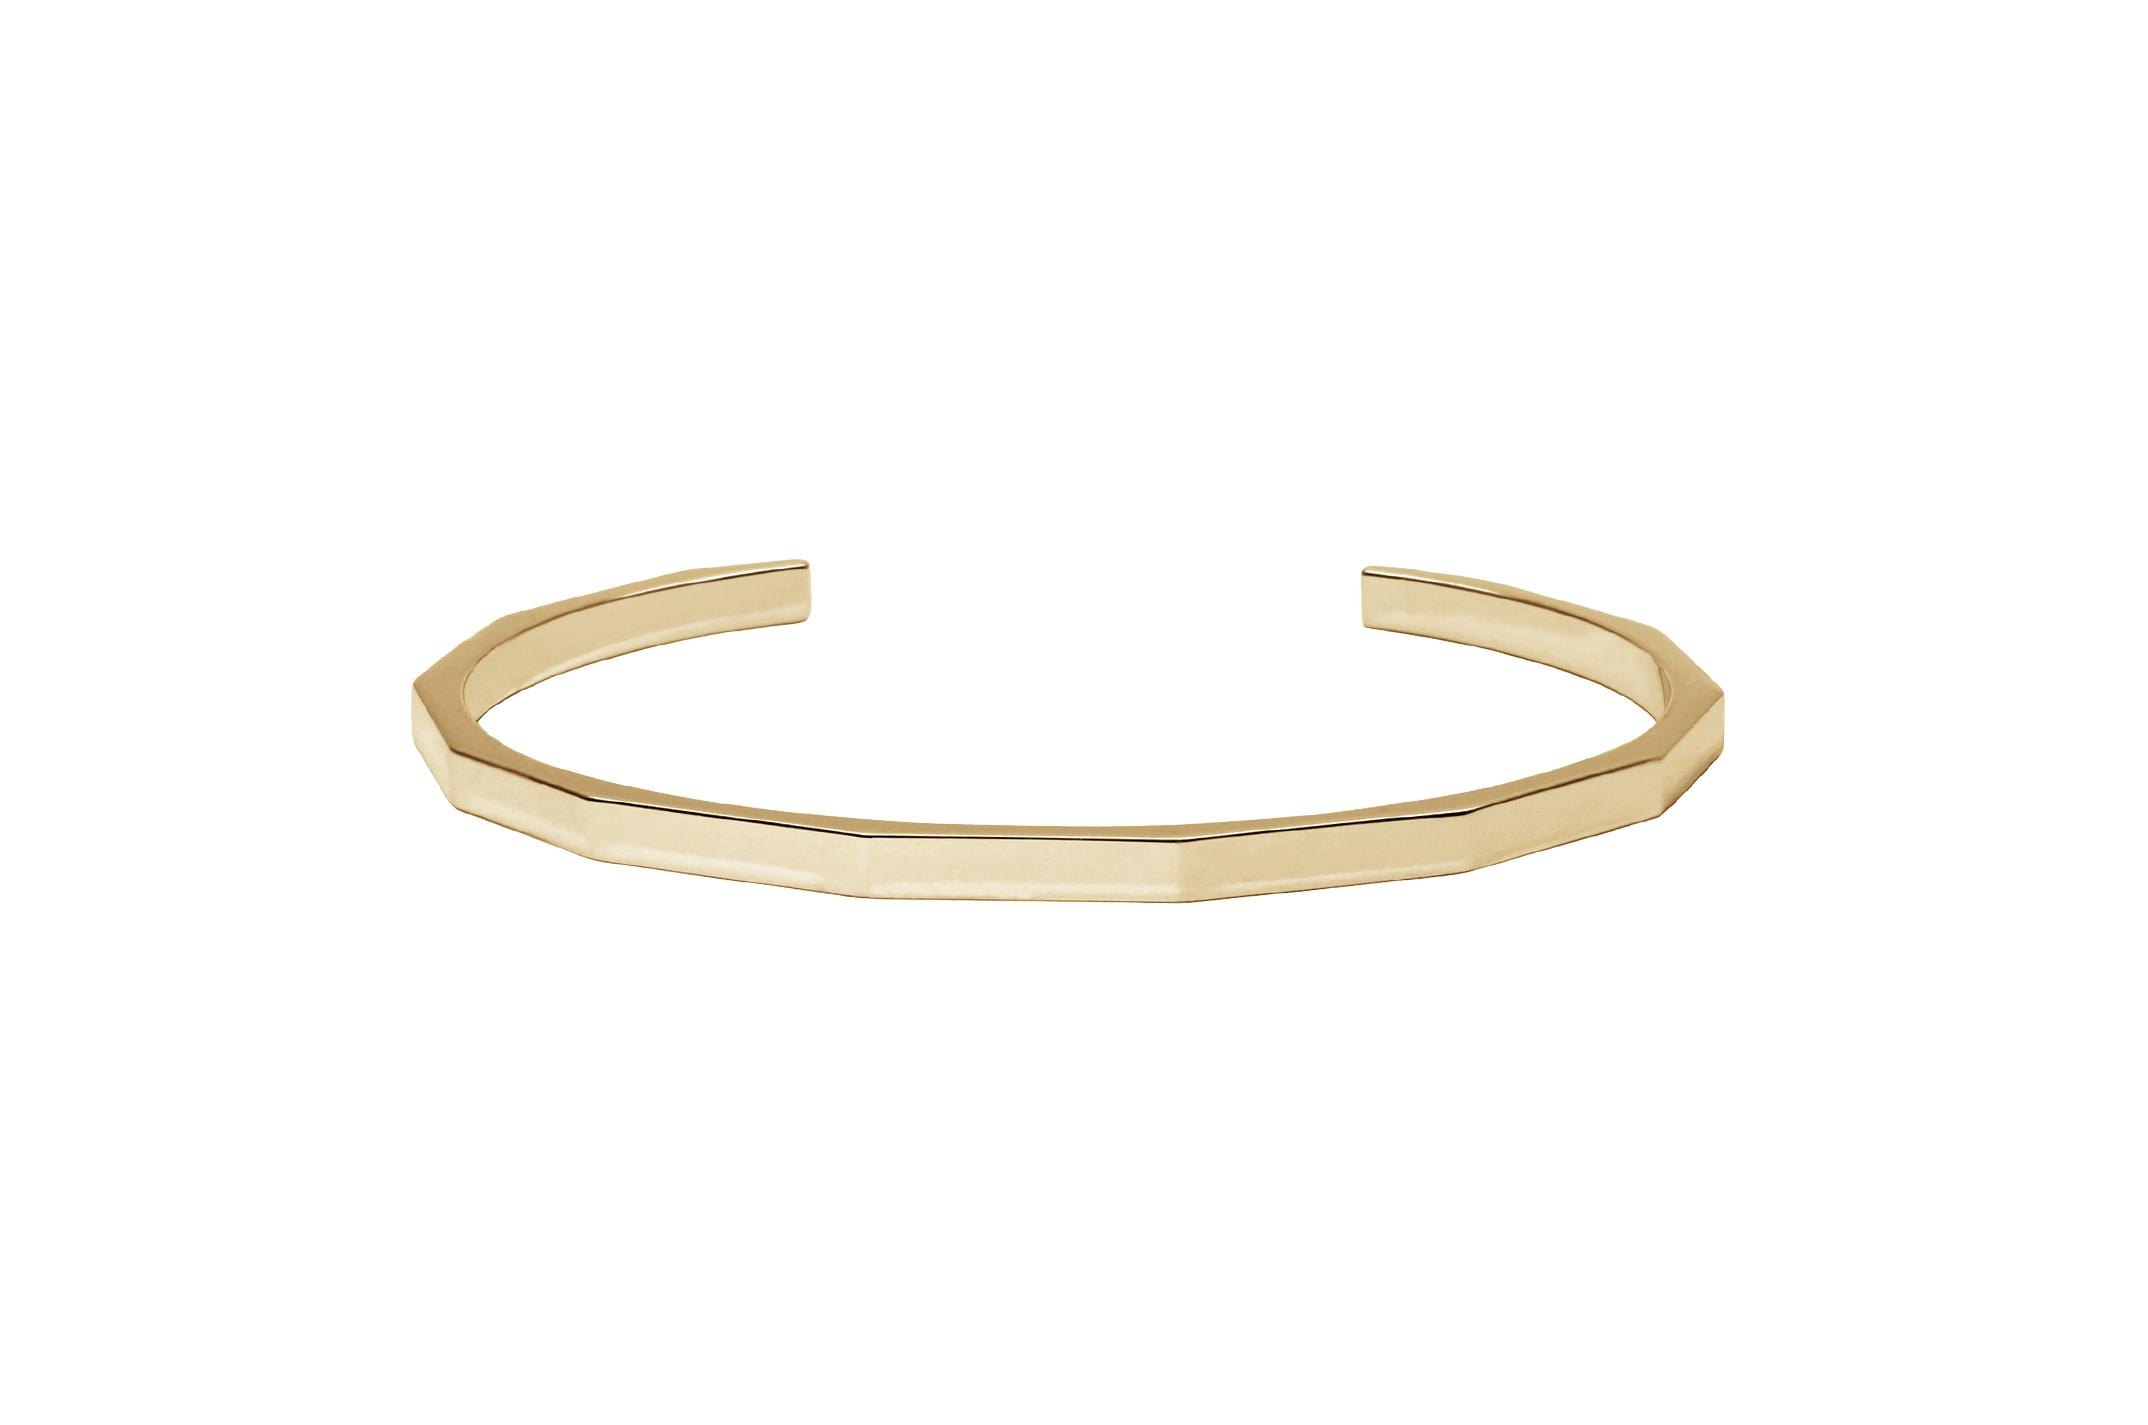 Joia: pulseira;Material: ouro 19.25 kt;Peso: 14.4 gr;Cor: amarelo;Género: homem